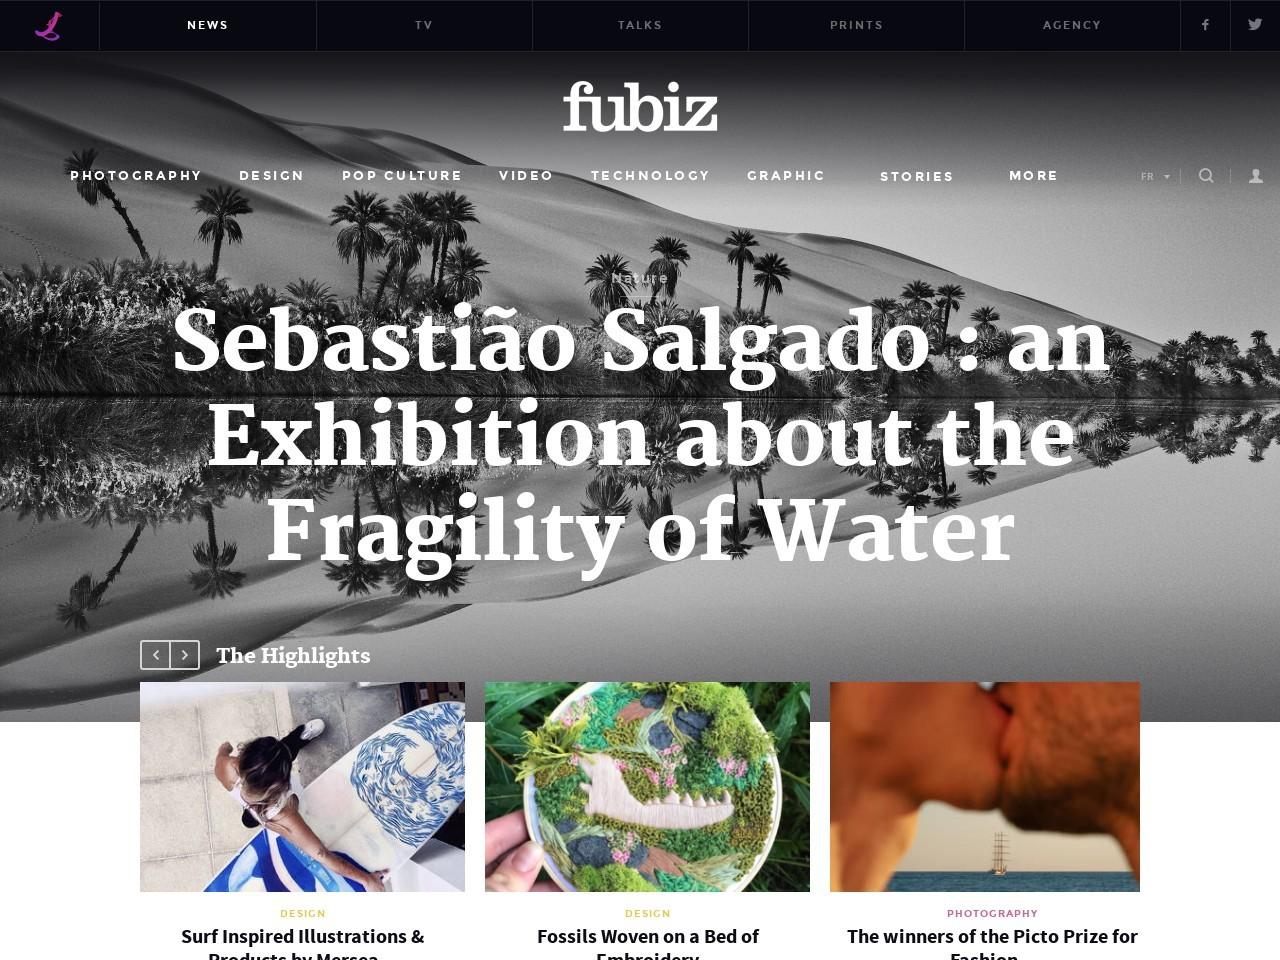 http://www.fubiz.net